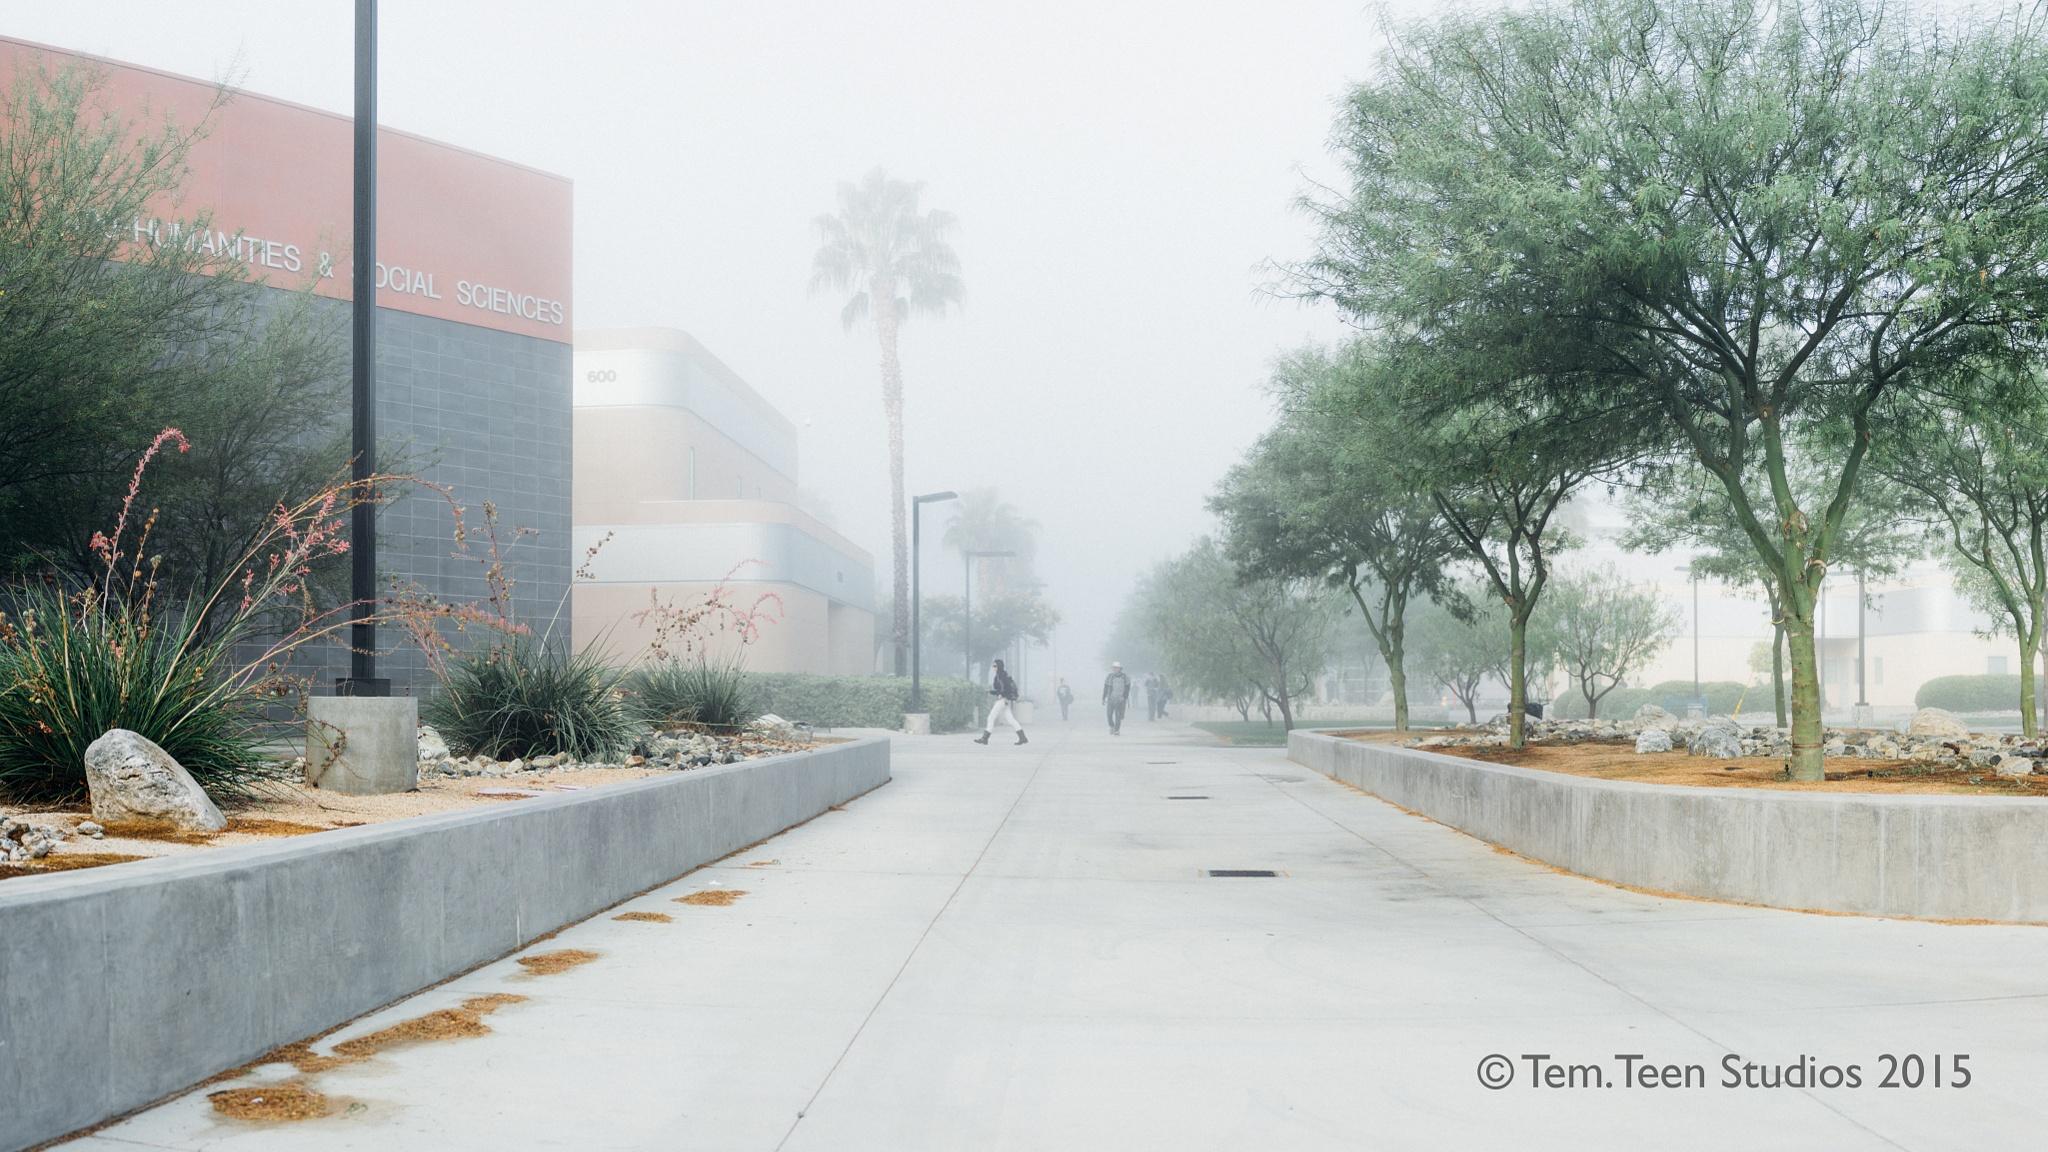 Brenizer of College Walkway by George Elias